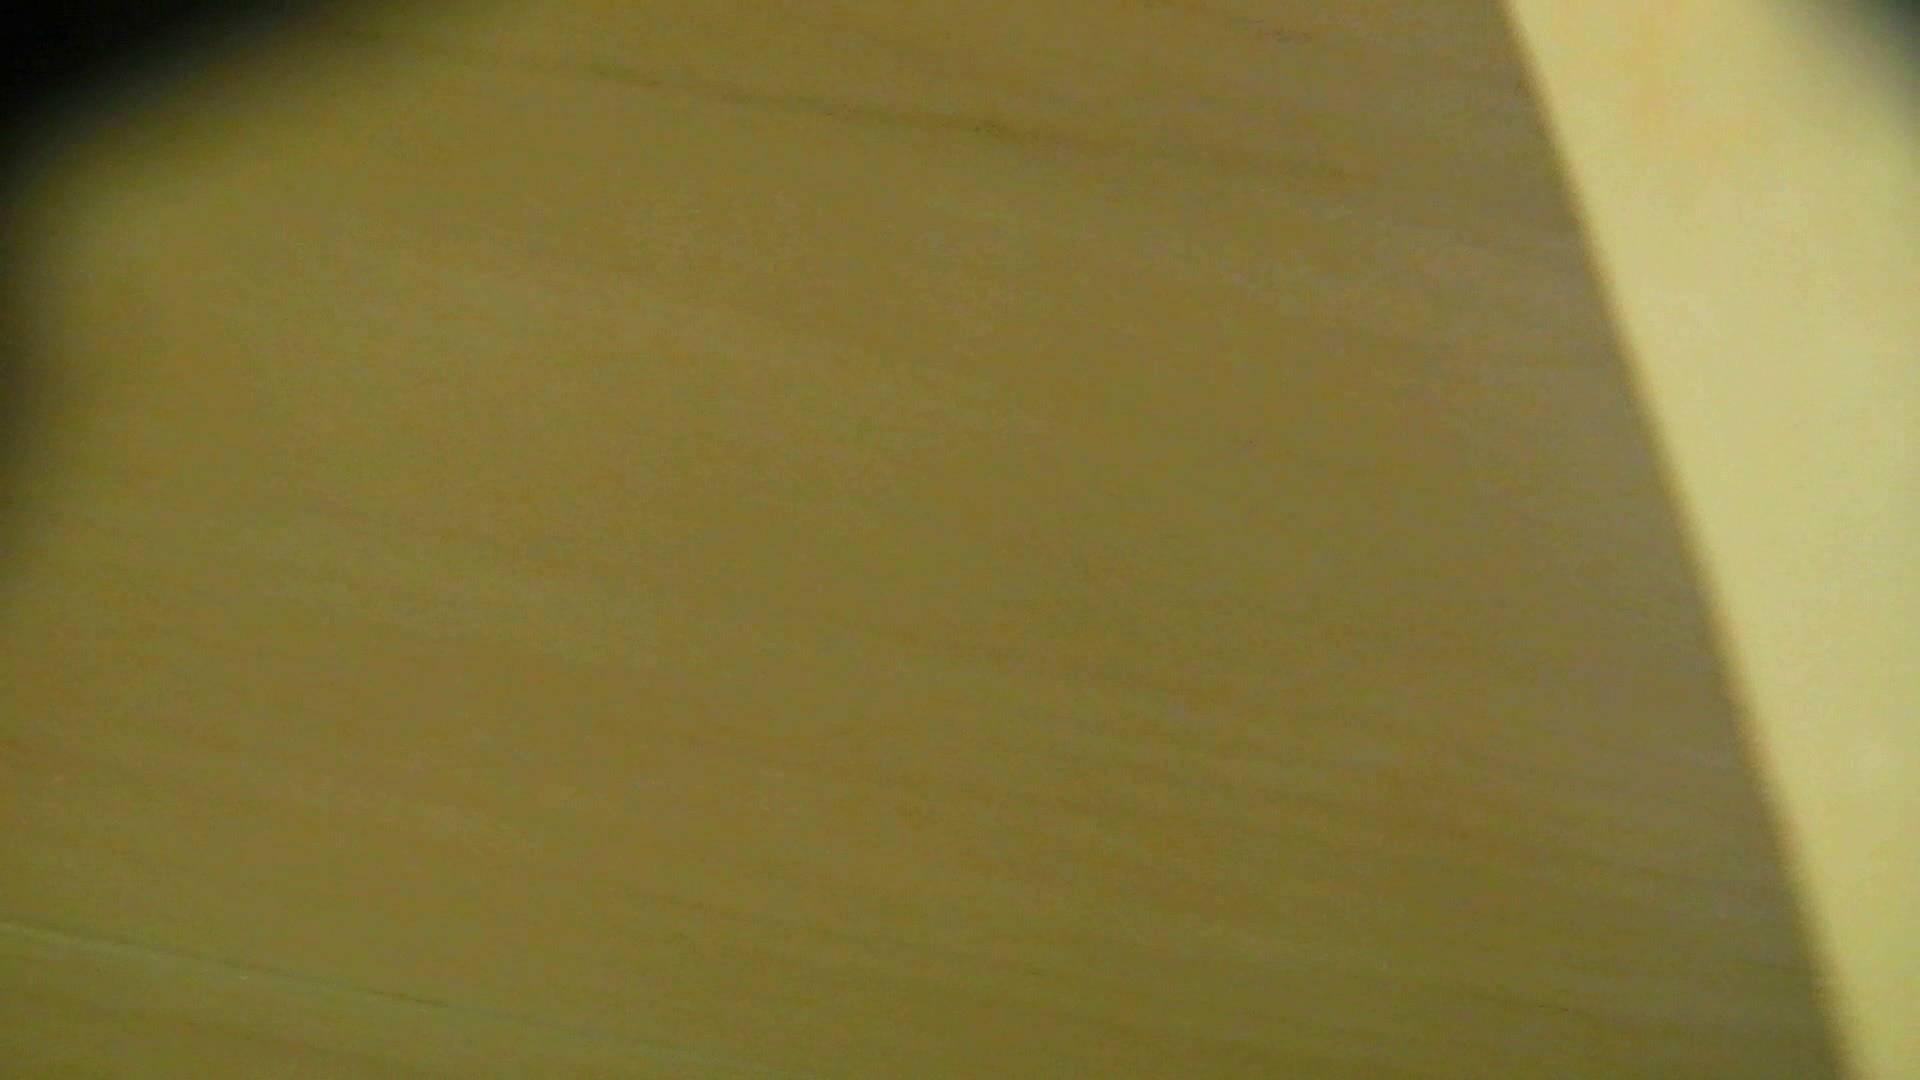 阿国ちゃんの「和式洋式七変化」No.12 盛合せ おまんこ無修正動画無料 99画像 21